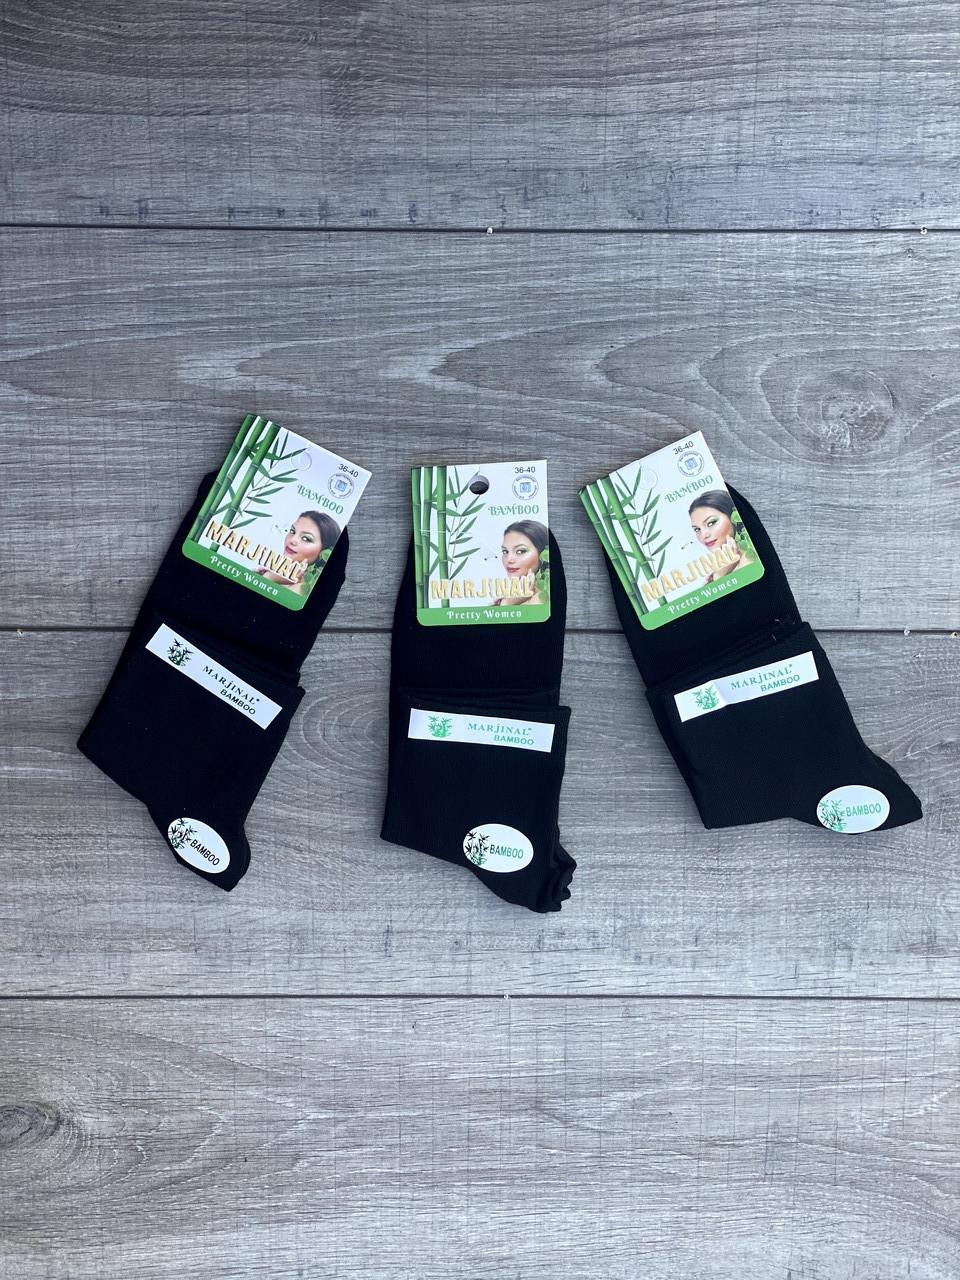 Жіночі чорні патіки шкарпетки бамбук Marjinal однотонні 35-40 12 шт в уп